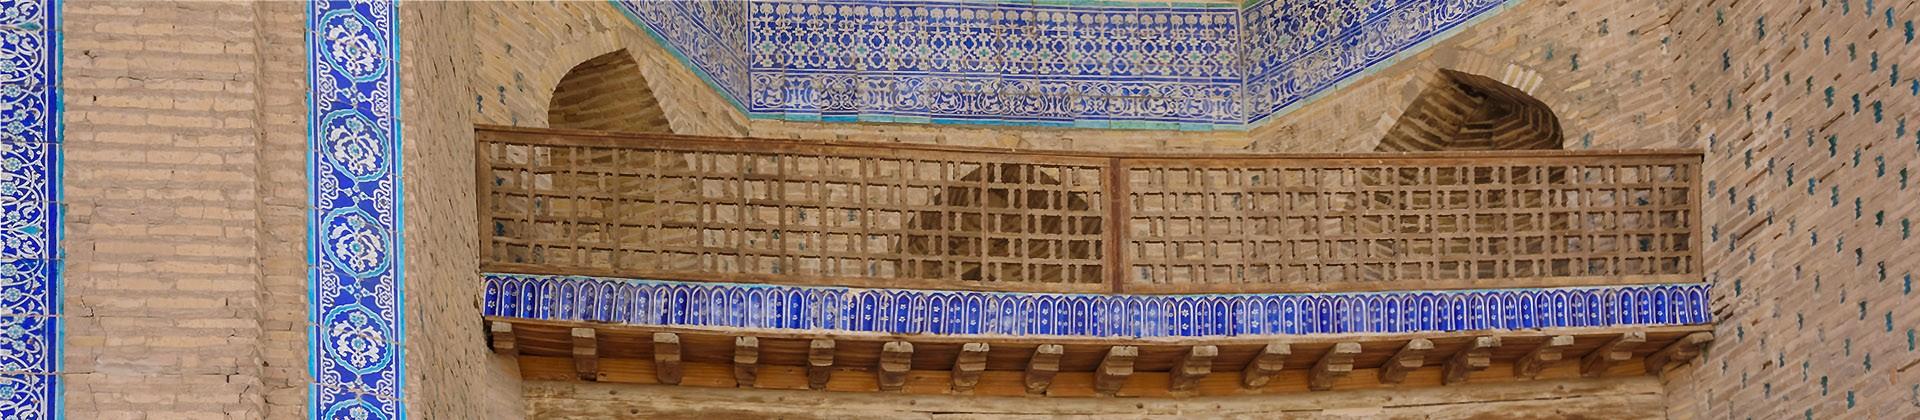 Muhammad Rahim-khan Madrasah - 1